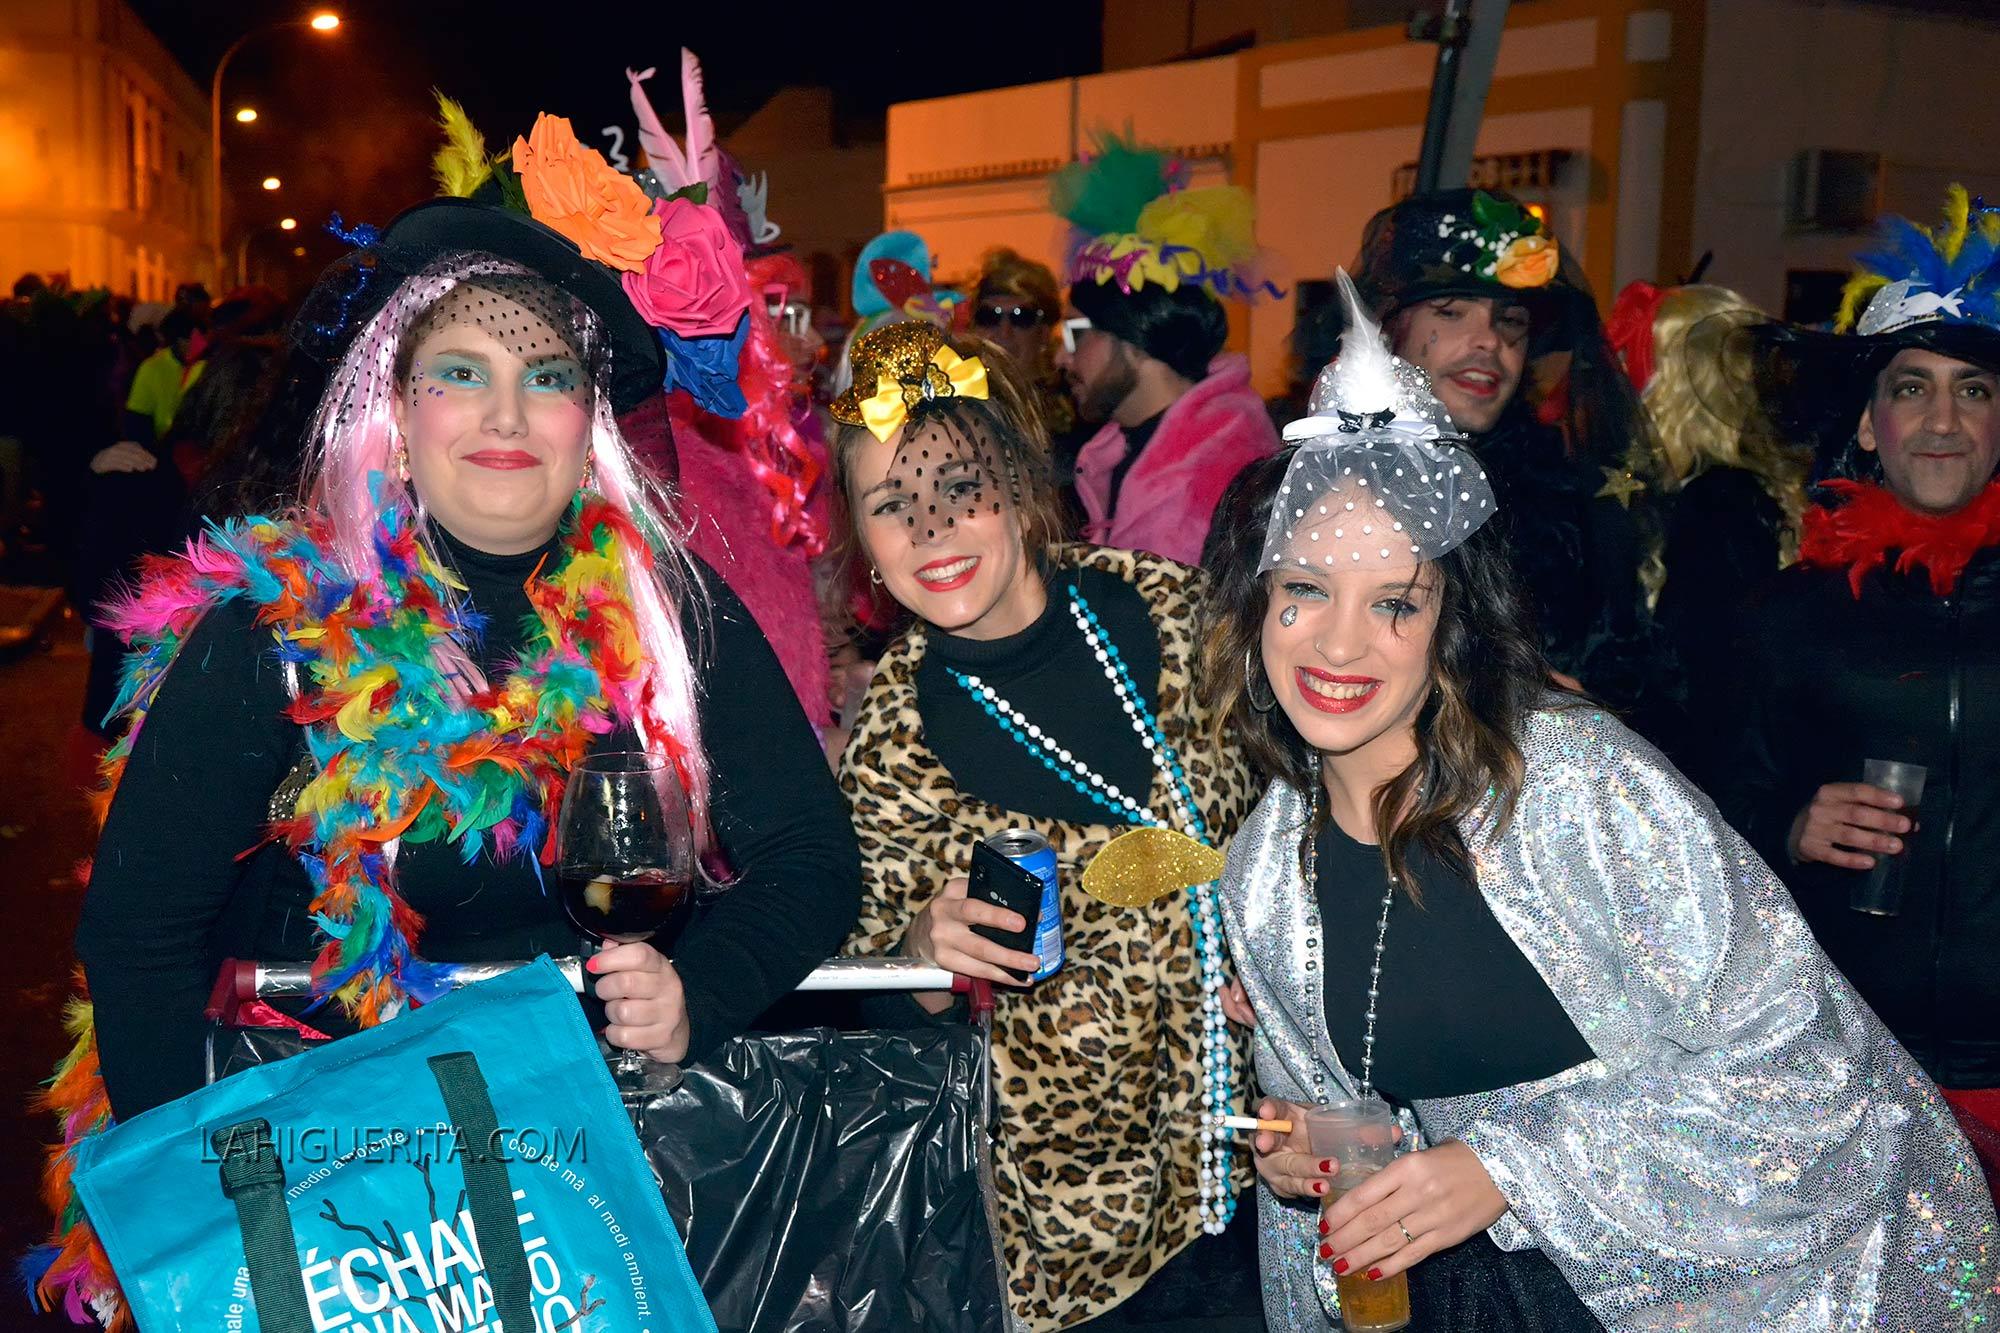 Entierro de la sardina carnaval isla cristina _DSC2275